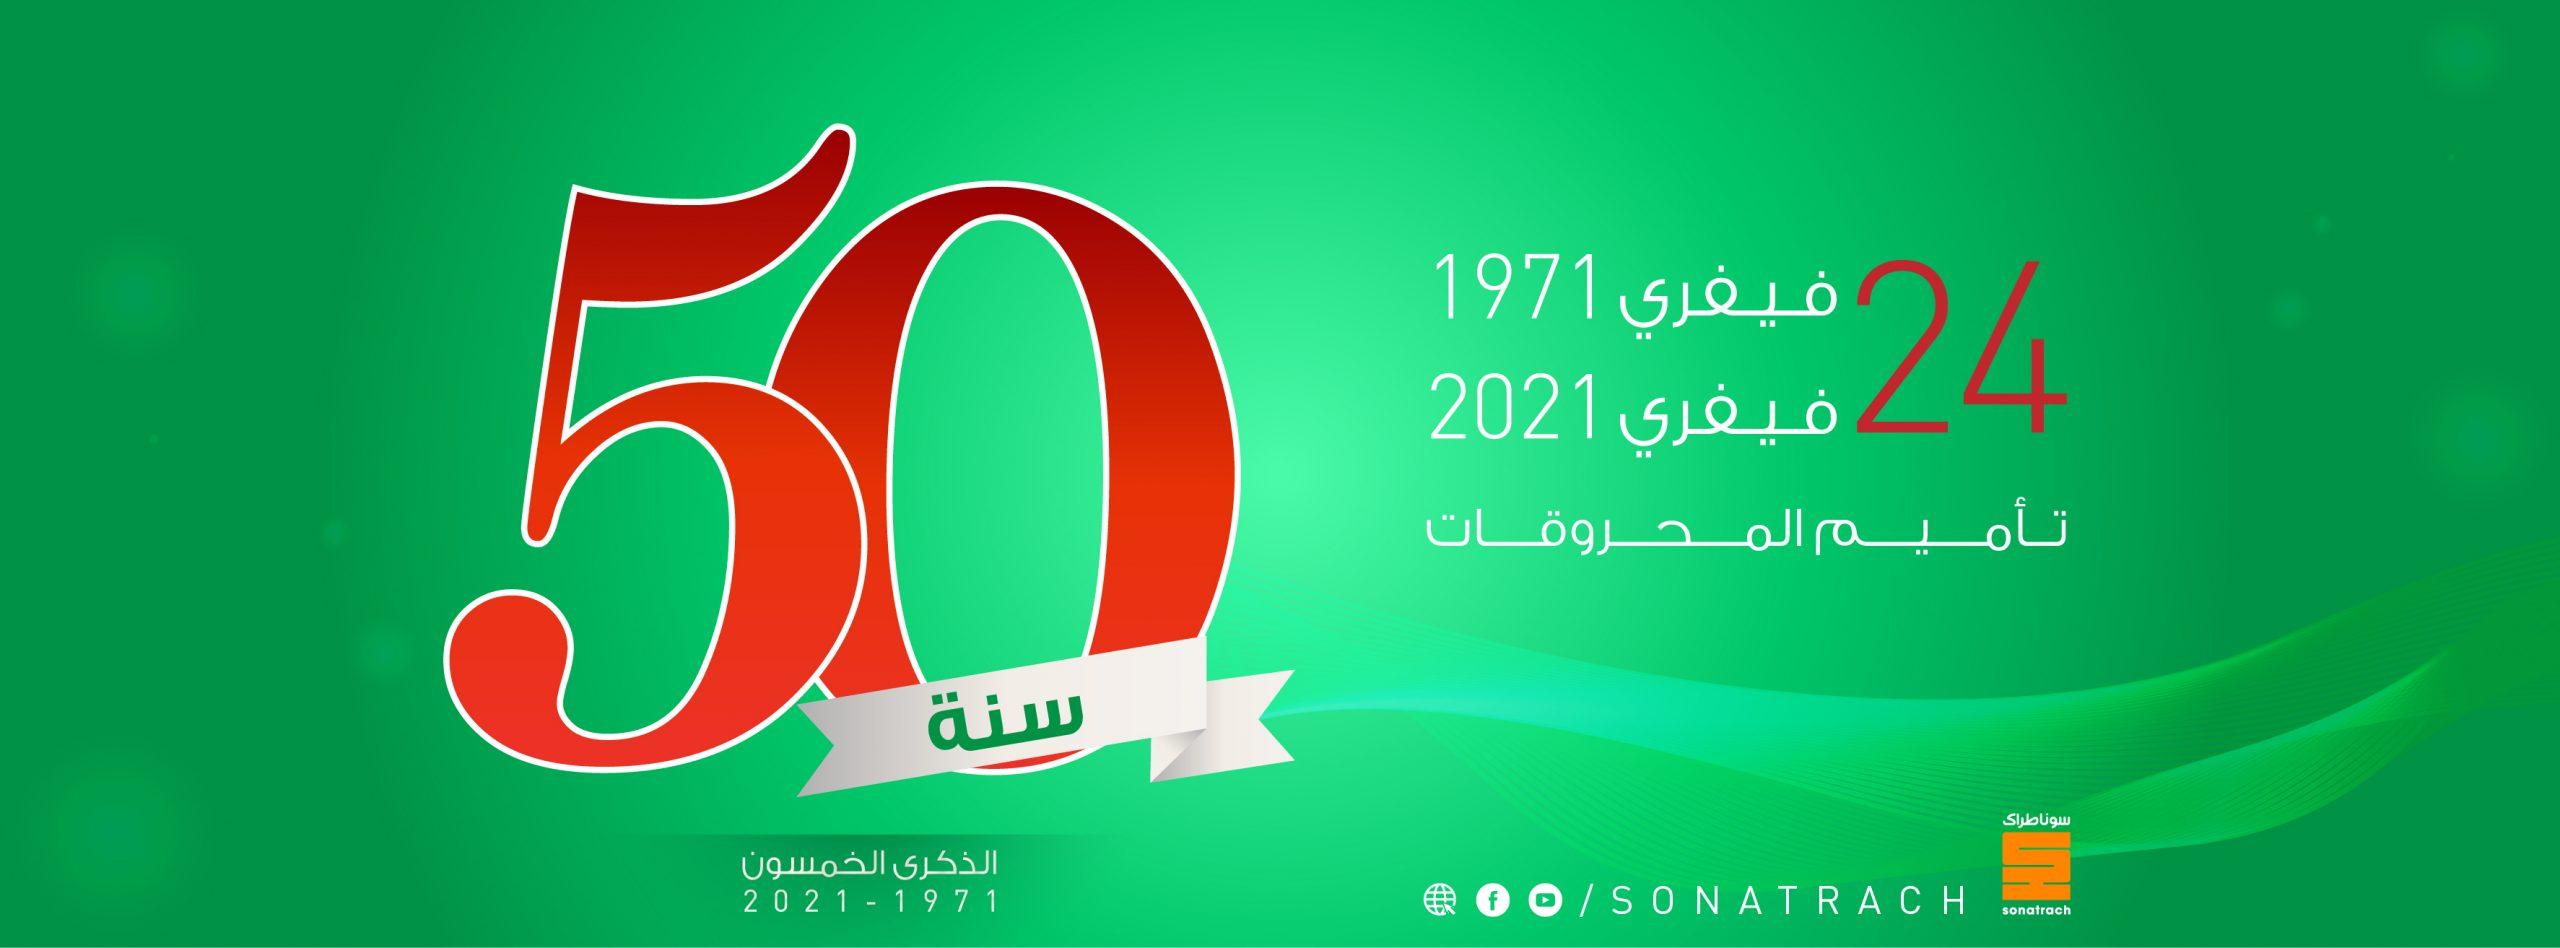 https://www.dzairdaily.com/algerie-ait-ali-annonce-projet-bus-electriques-autofinance/